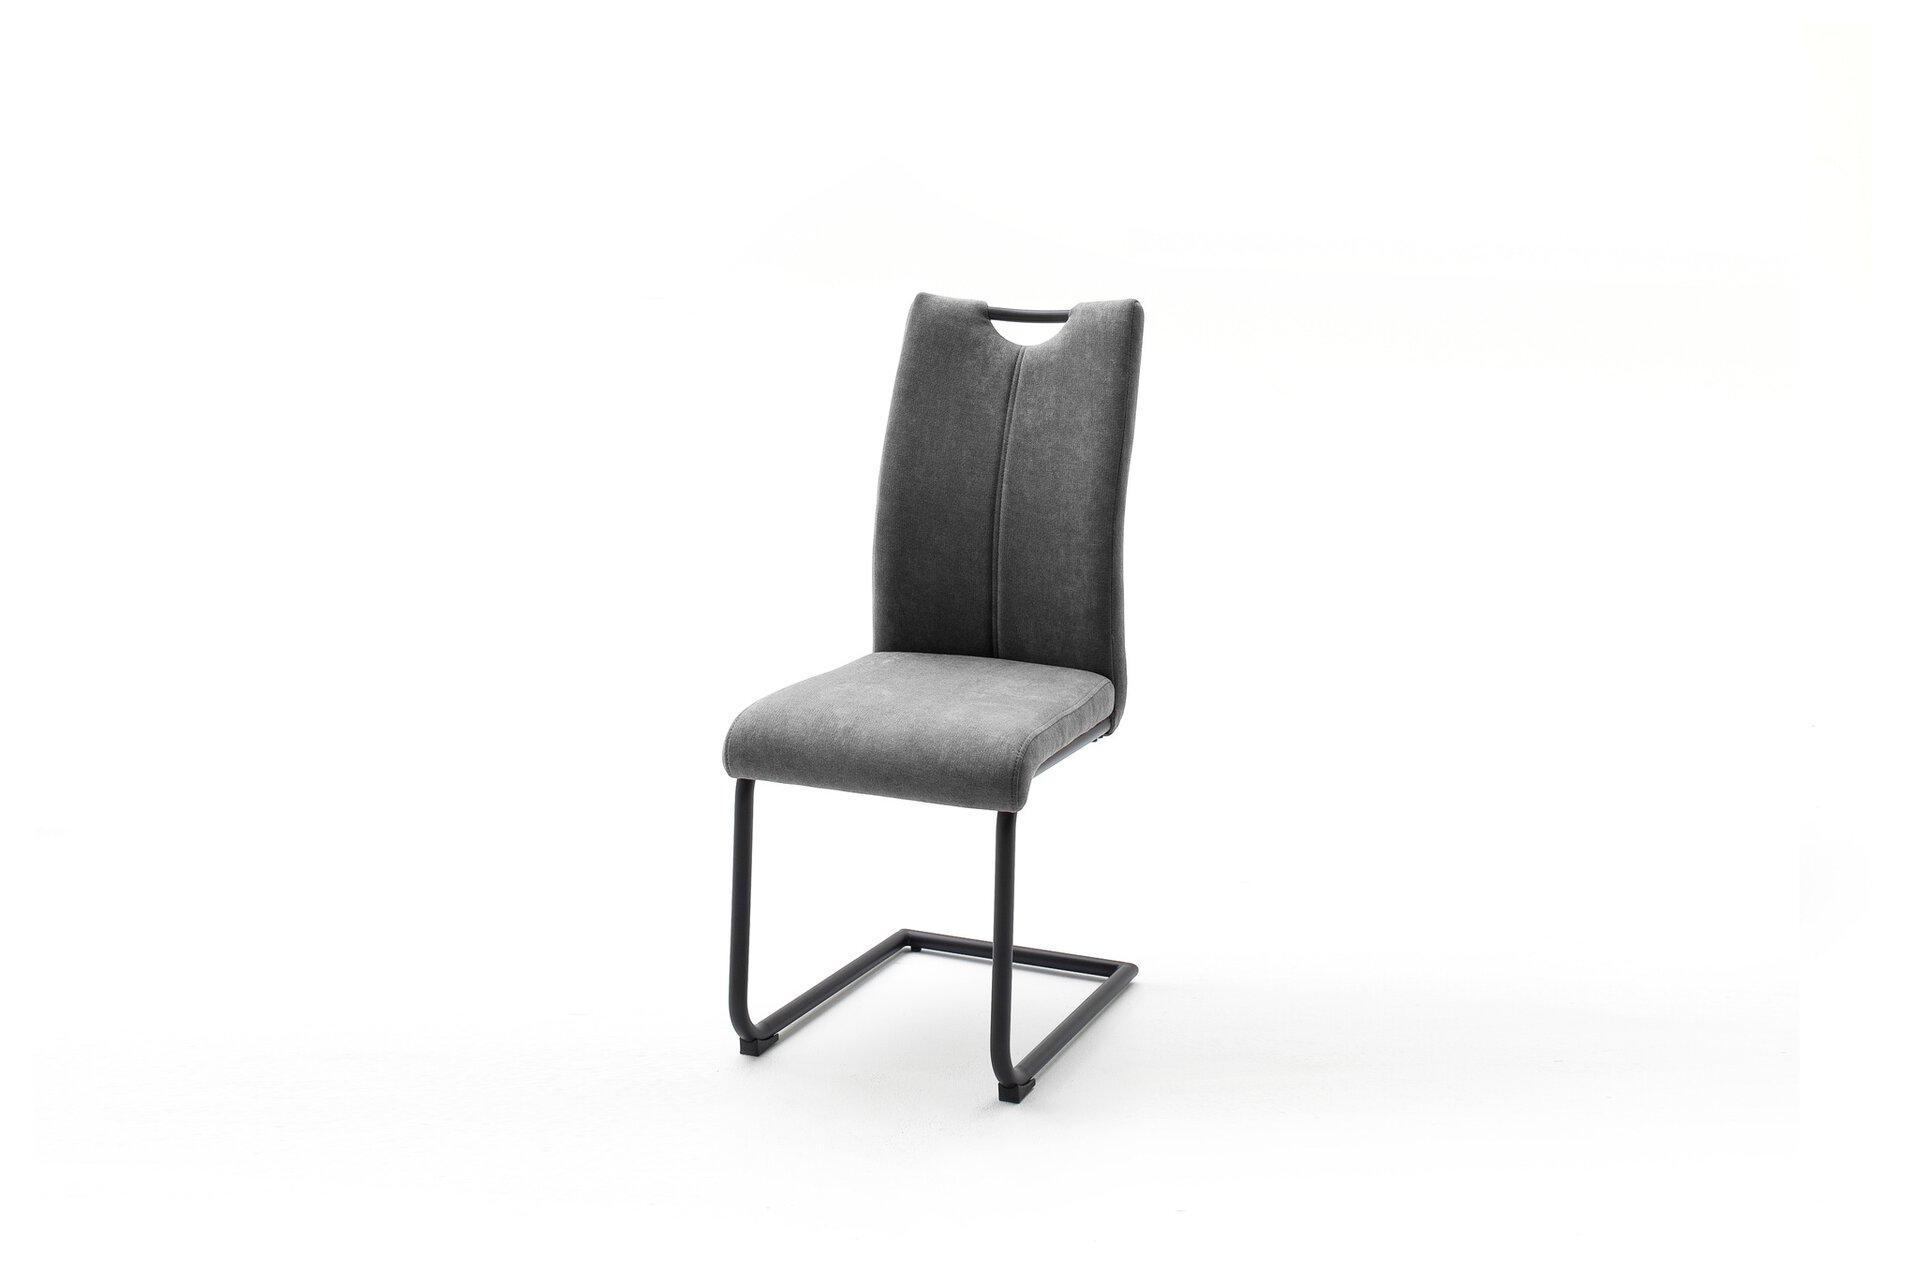 Freischwingerstuhl ADANA MCA furniture Textil